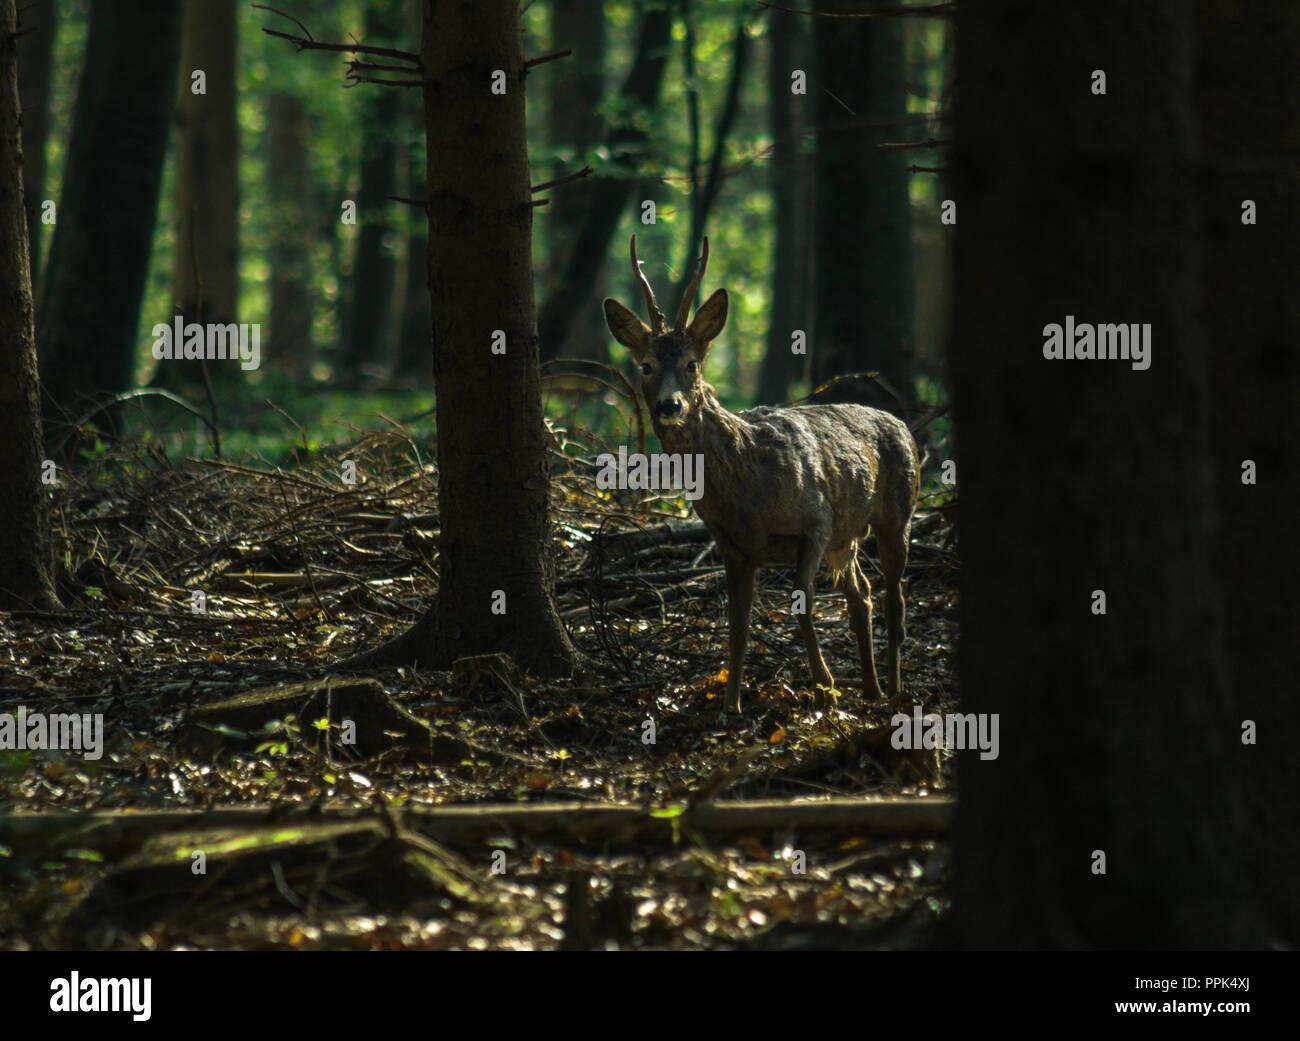 straight looking deer - Stock Image